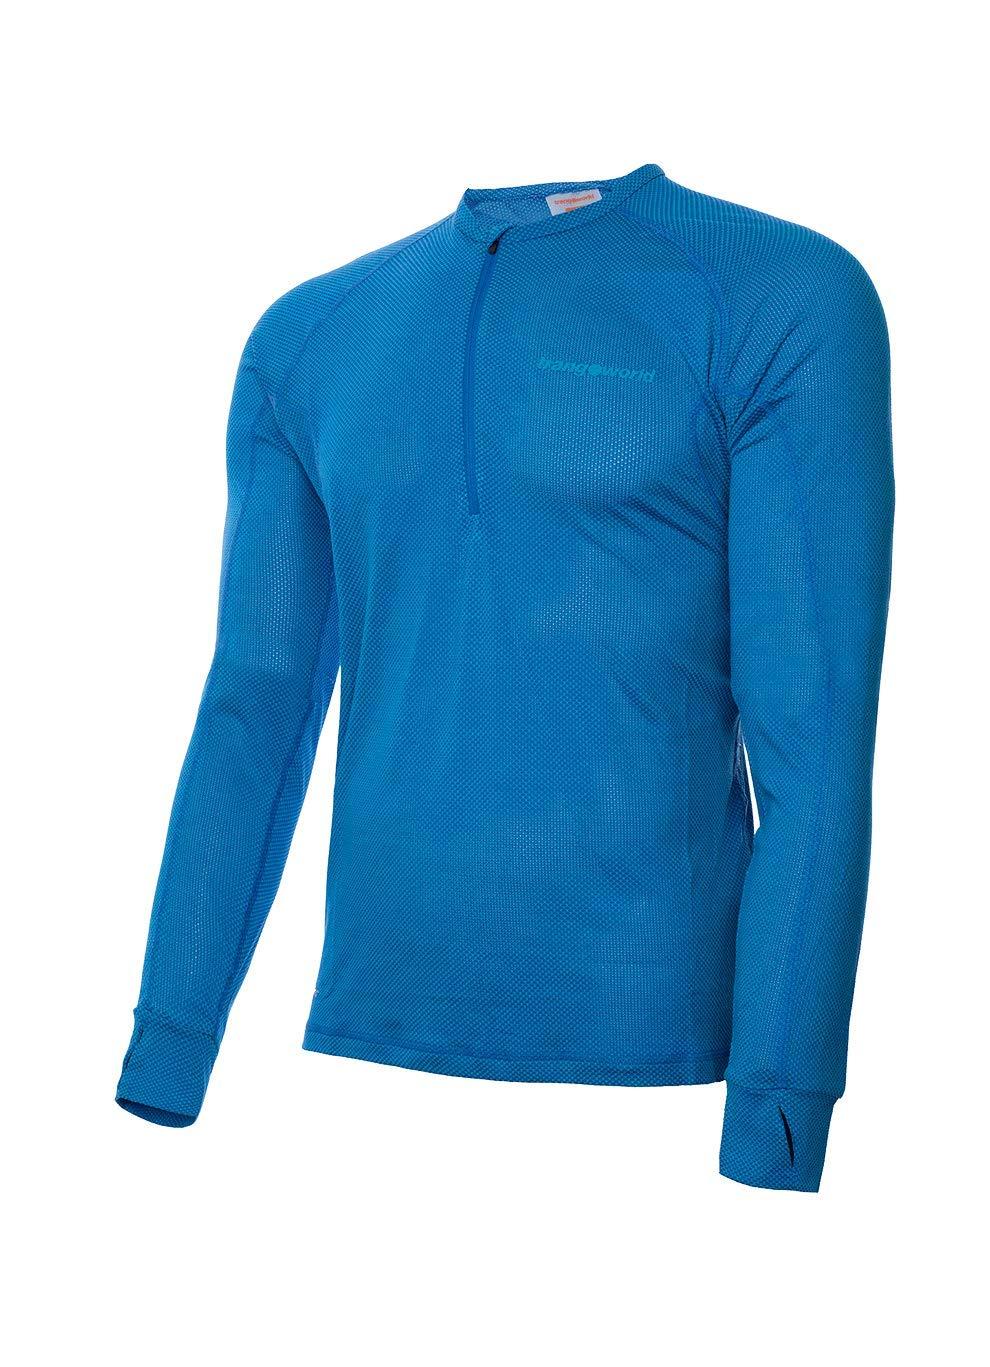 Trango® pc007999 Shirt, Herren S